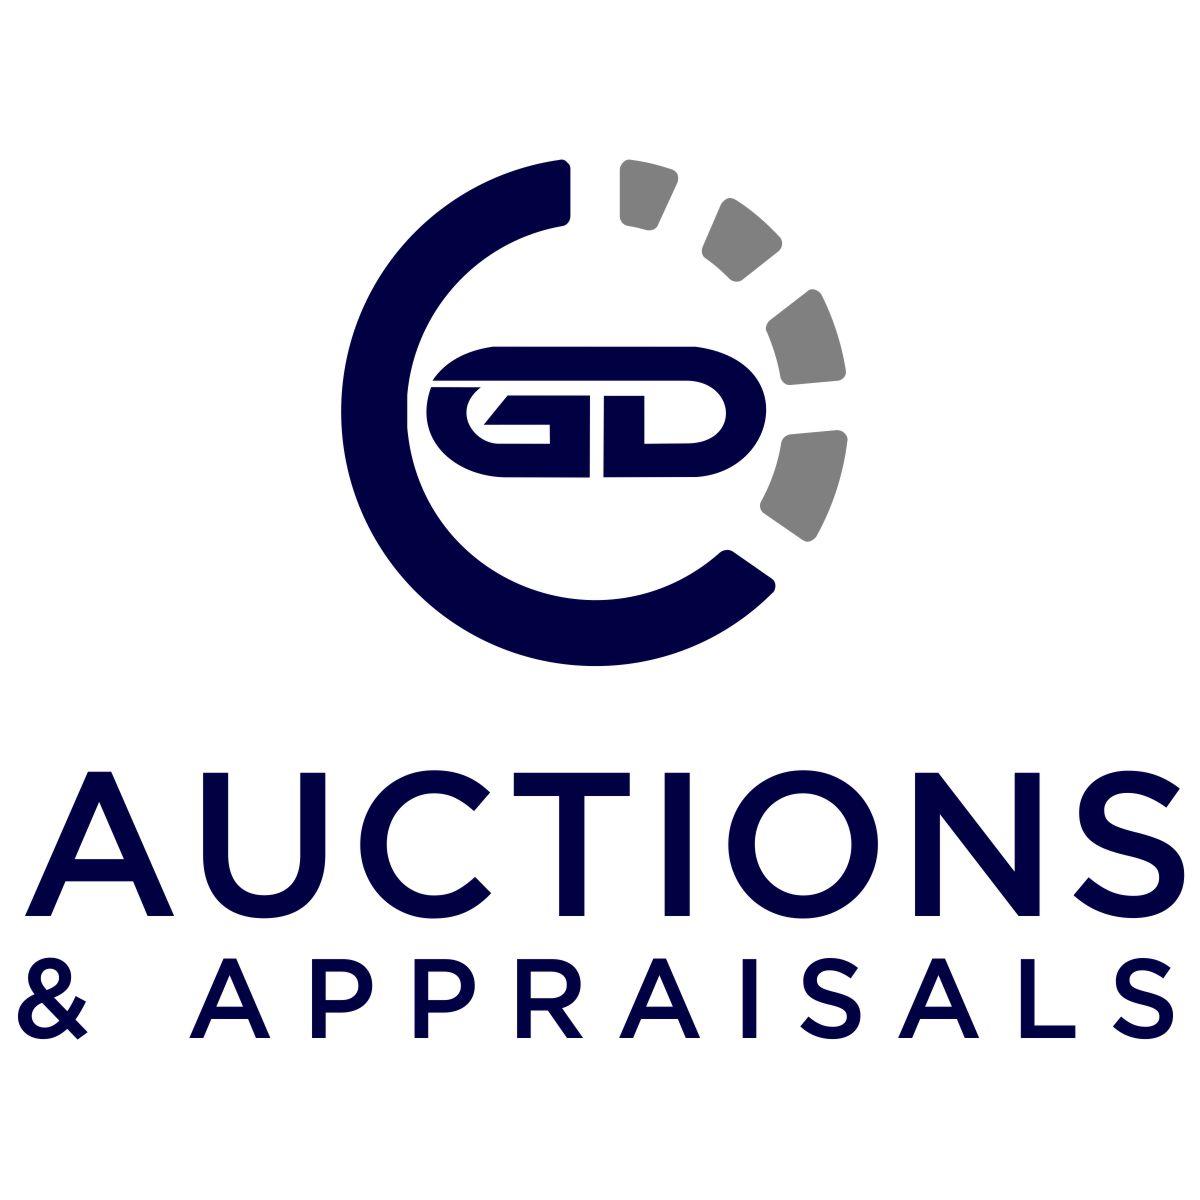 GD Auctions & Appraisals